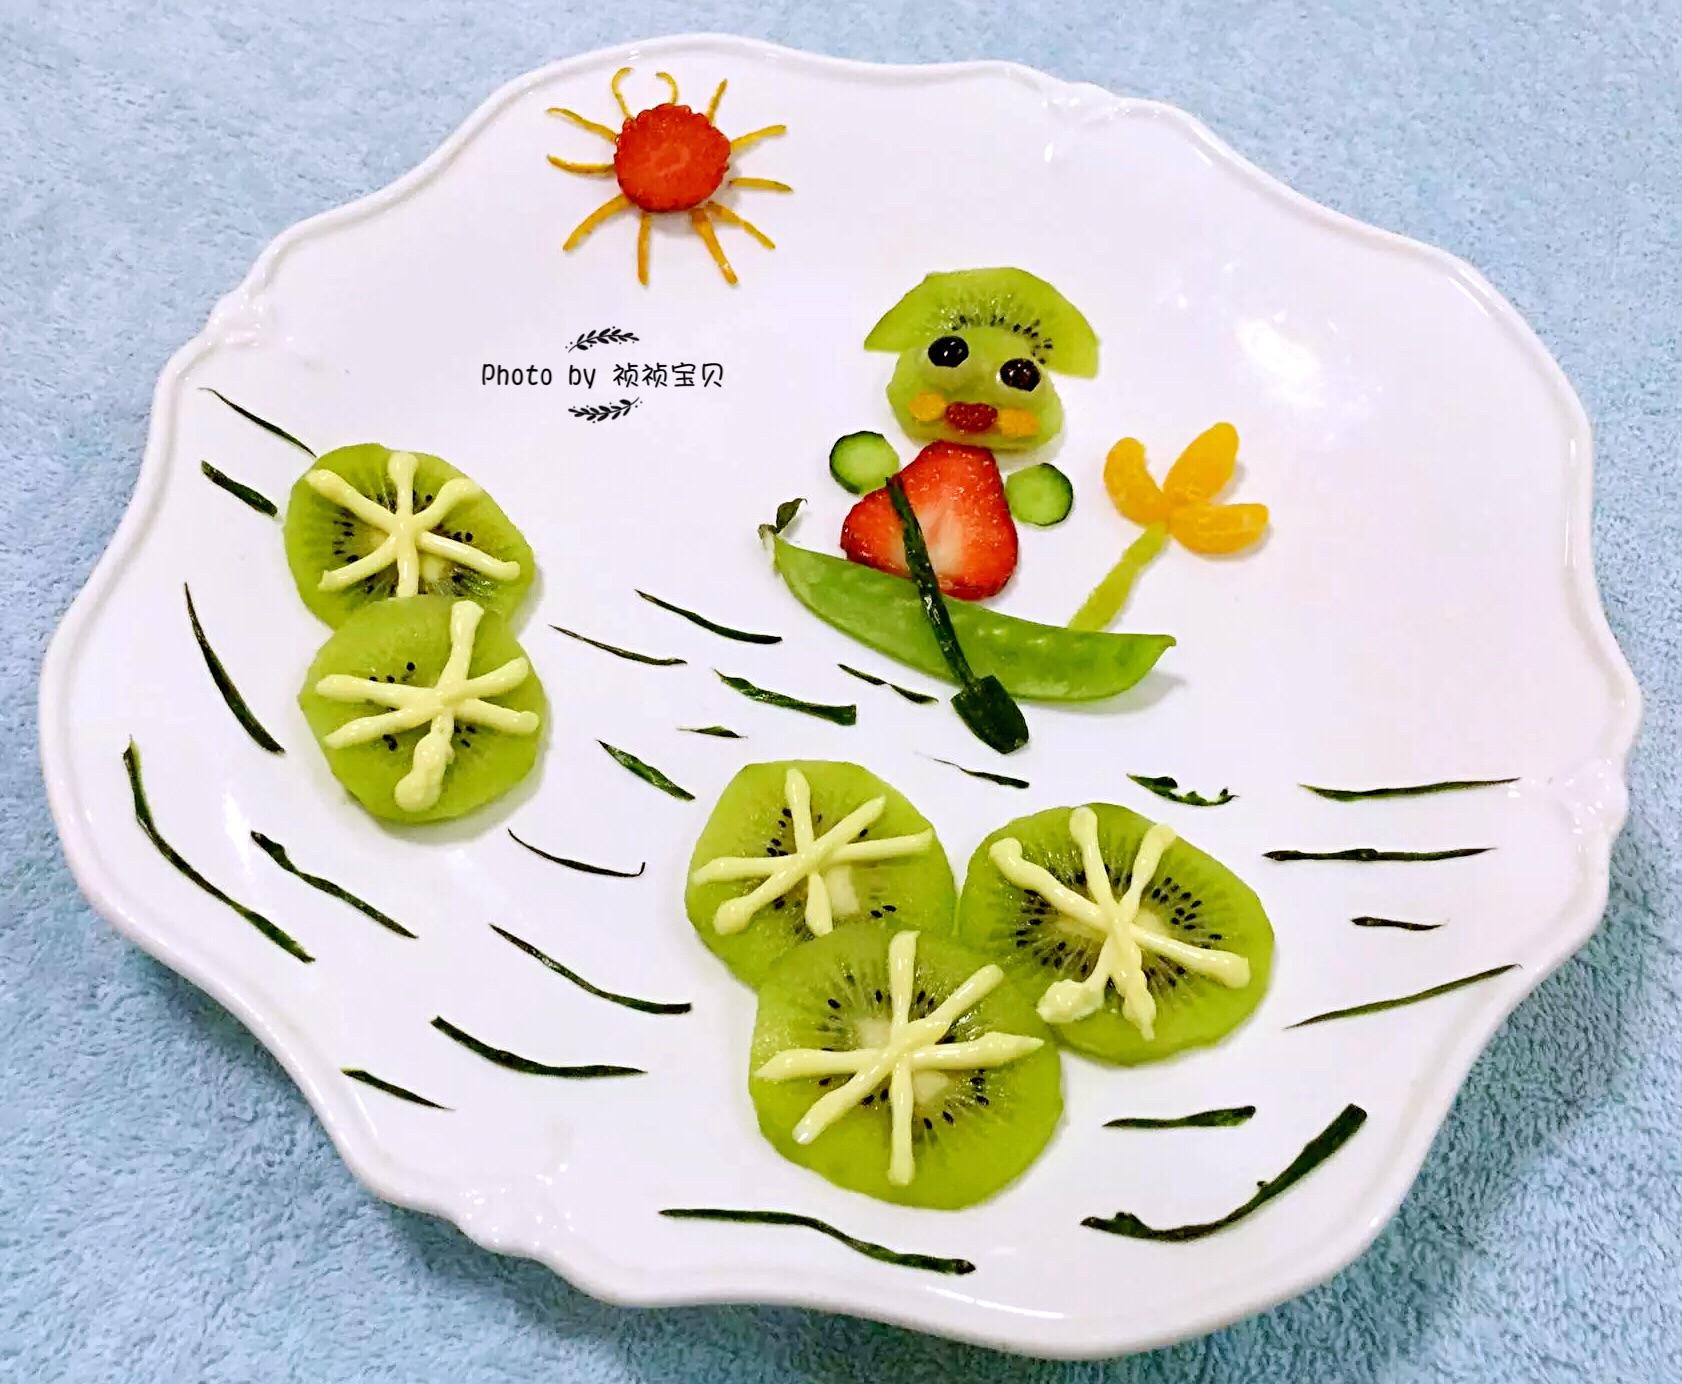 水果拼盘-勤劳的青蛙王子